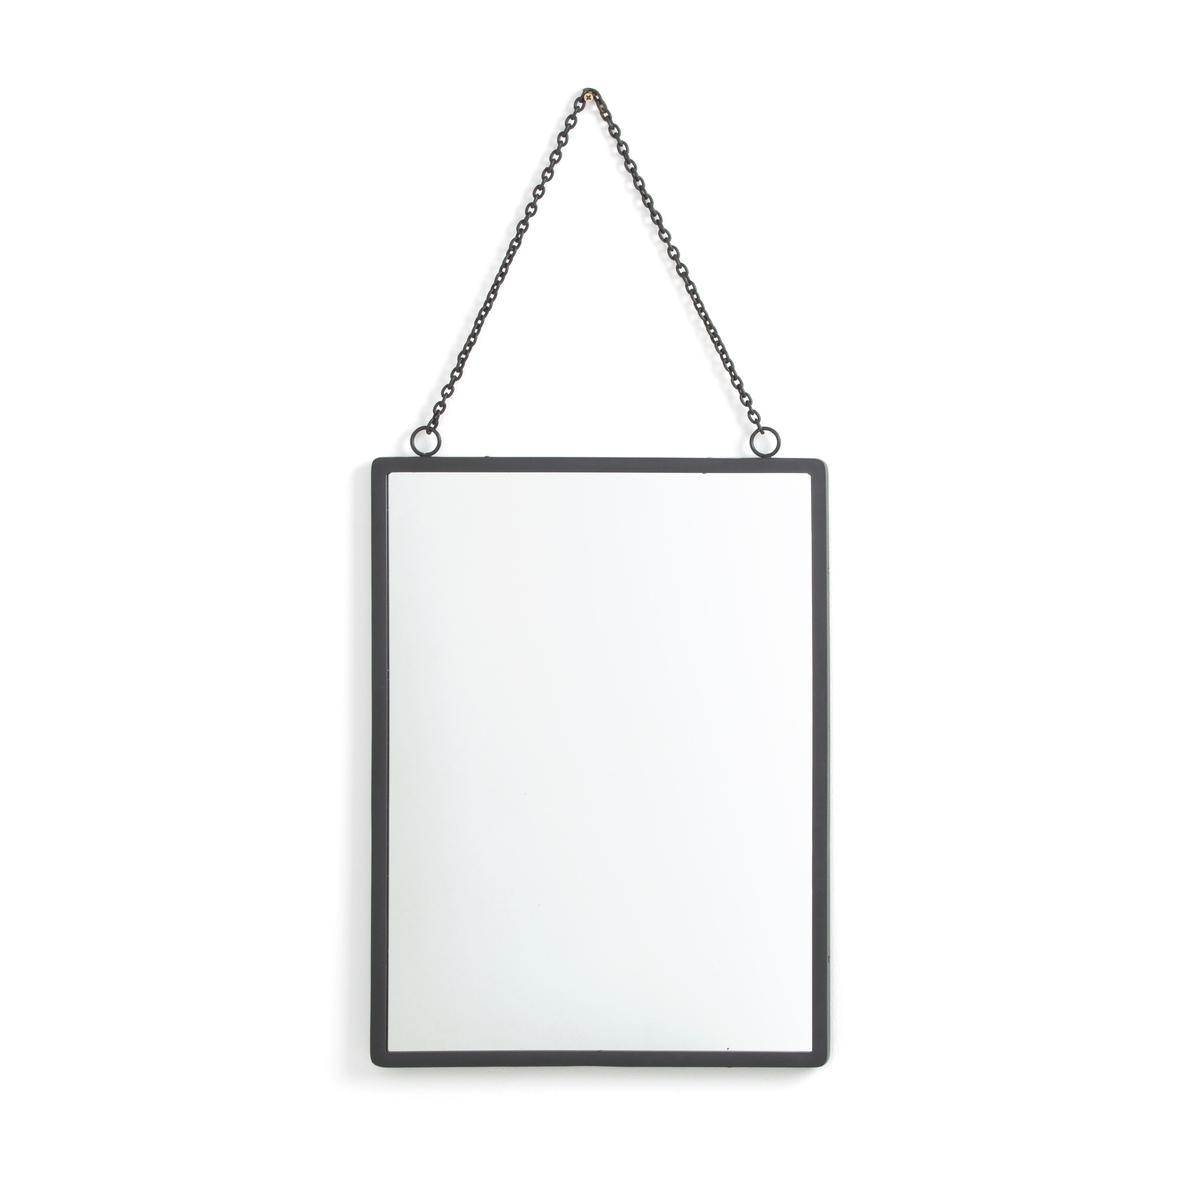 Зеркало La Redoute Прямоугольное большой размер Д x В см Barbier единый размер серый зеркало la redoute д x в см principe единый размер бежевый